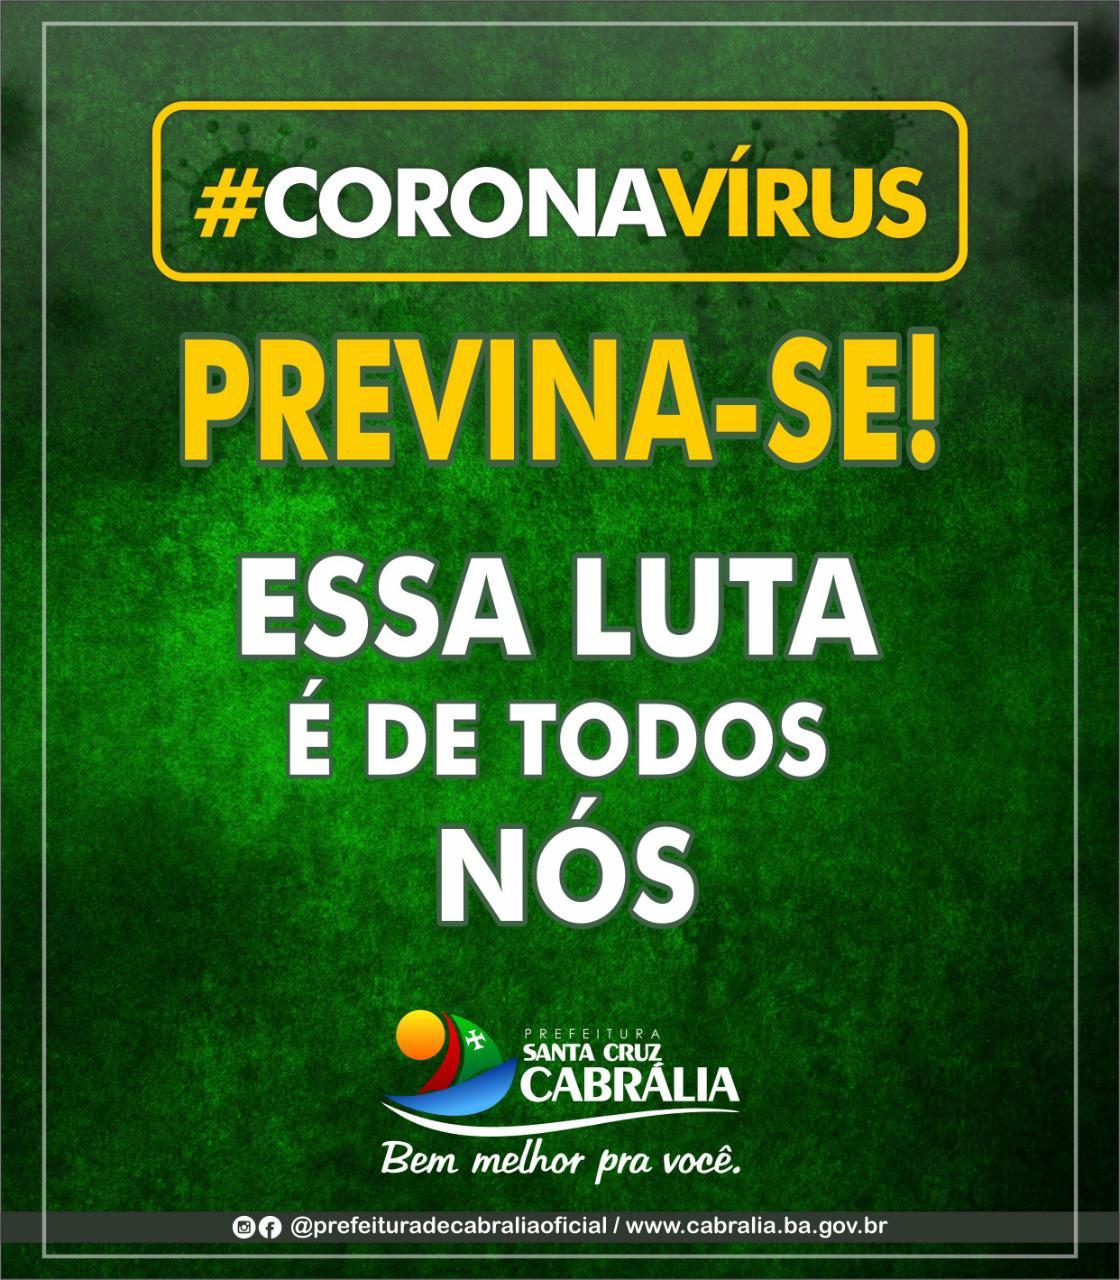 TODOS UNIDOS CONTRA O CORONAVIRUS